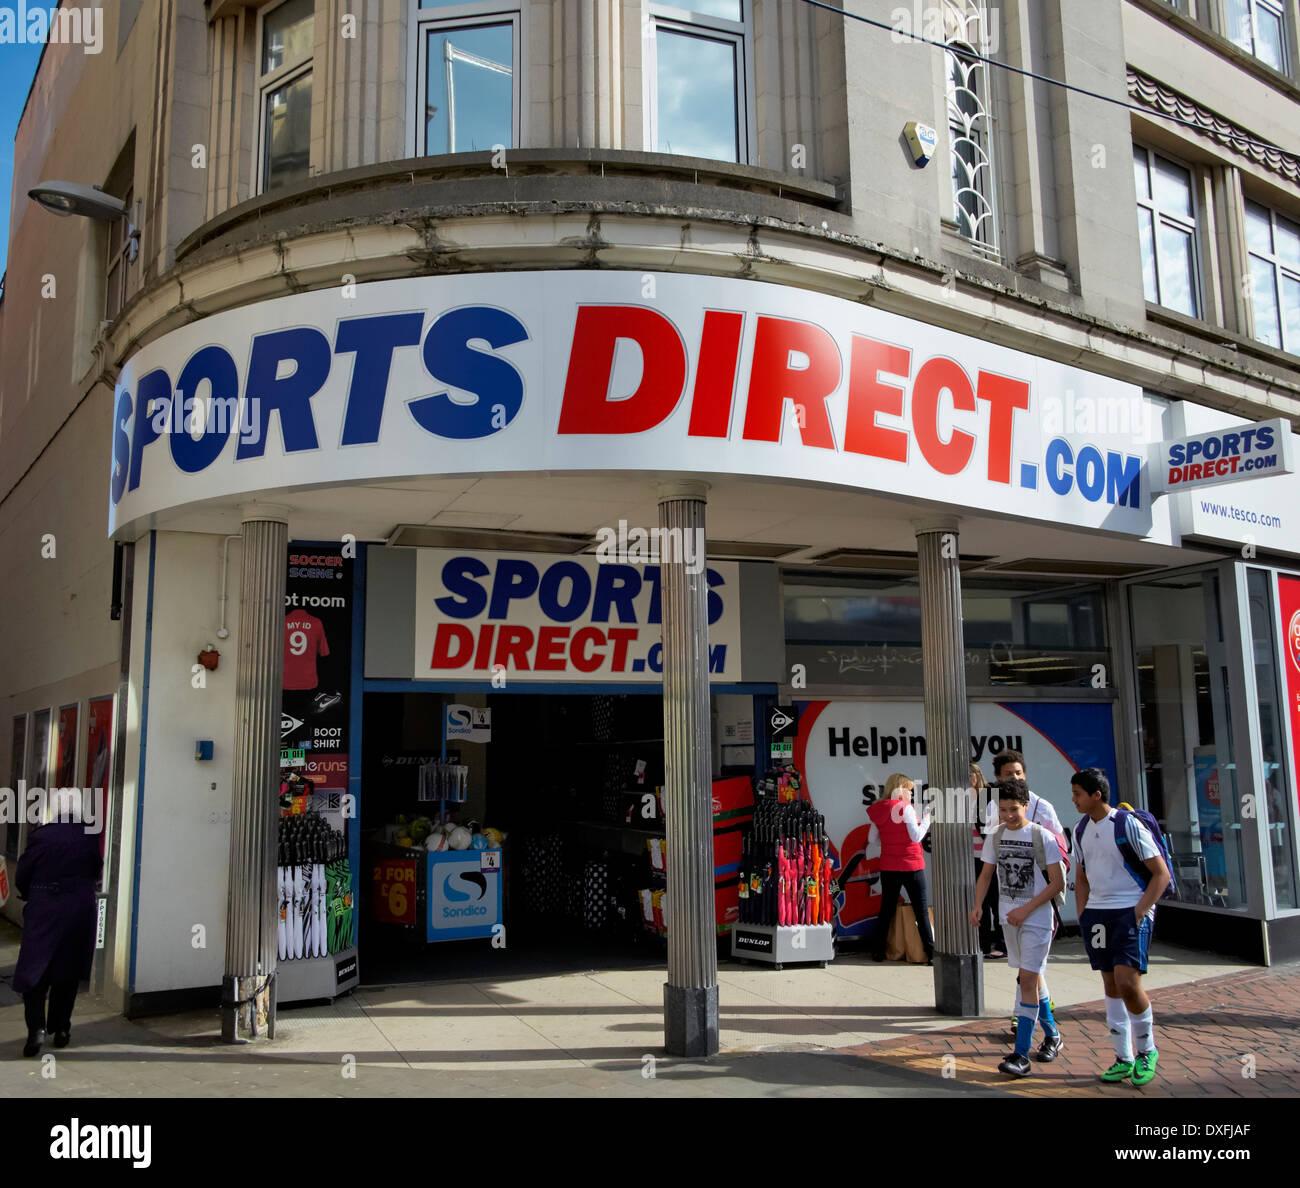 sports-direct-derby-england-uk-DXFJAF.jp